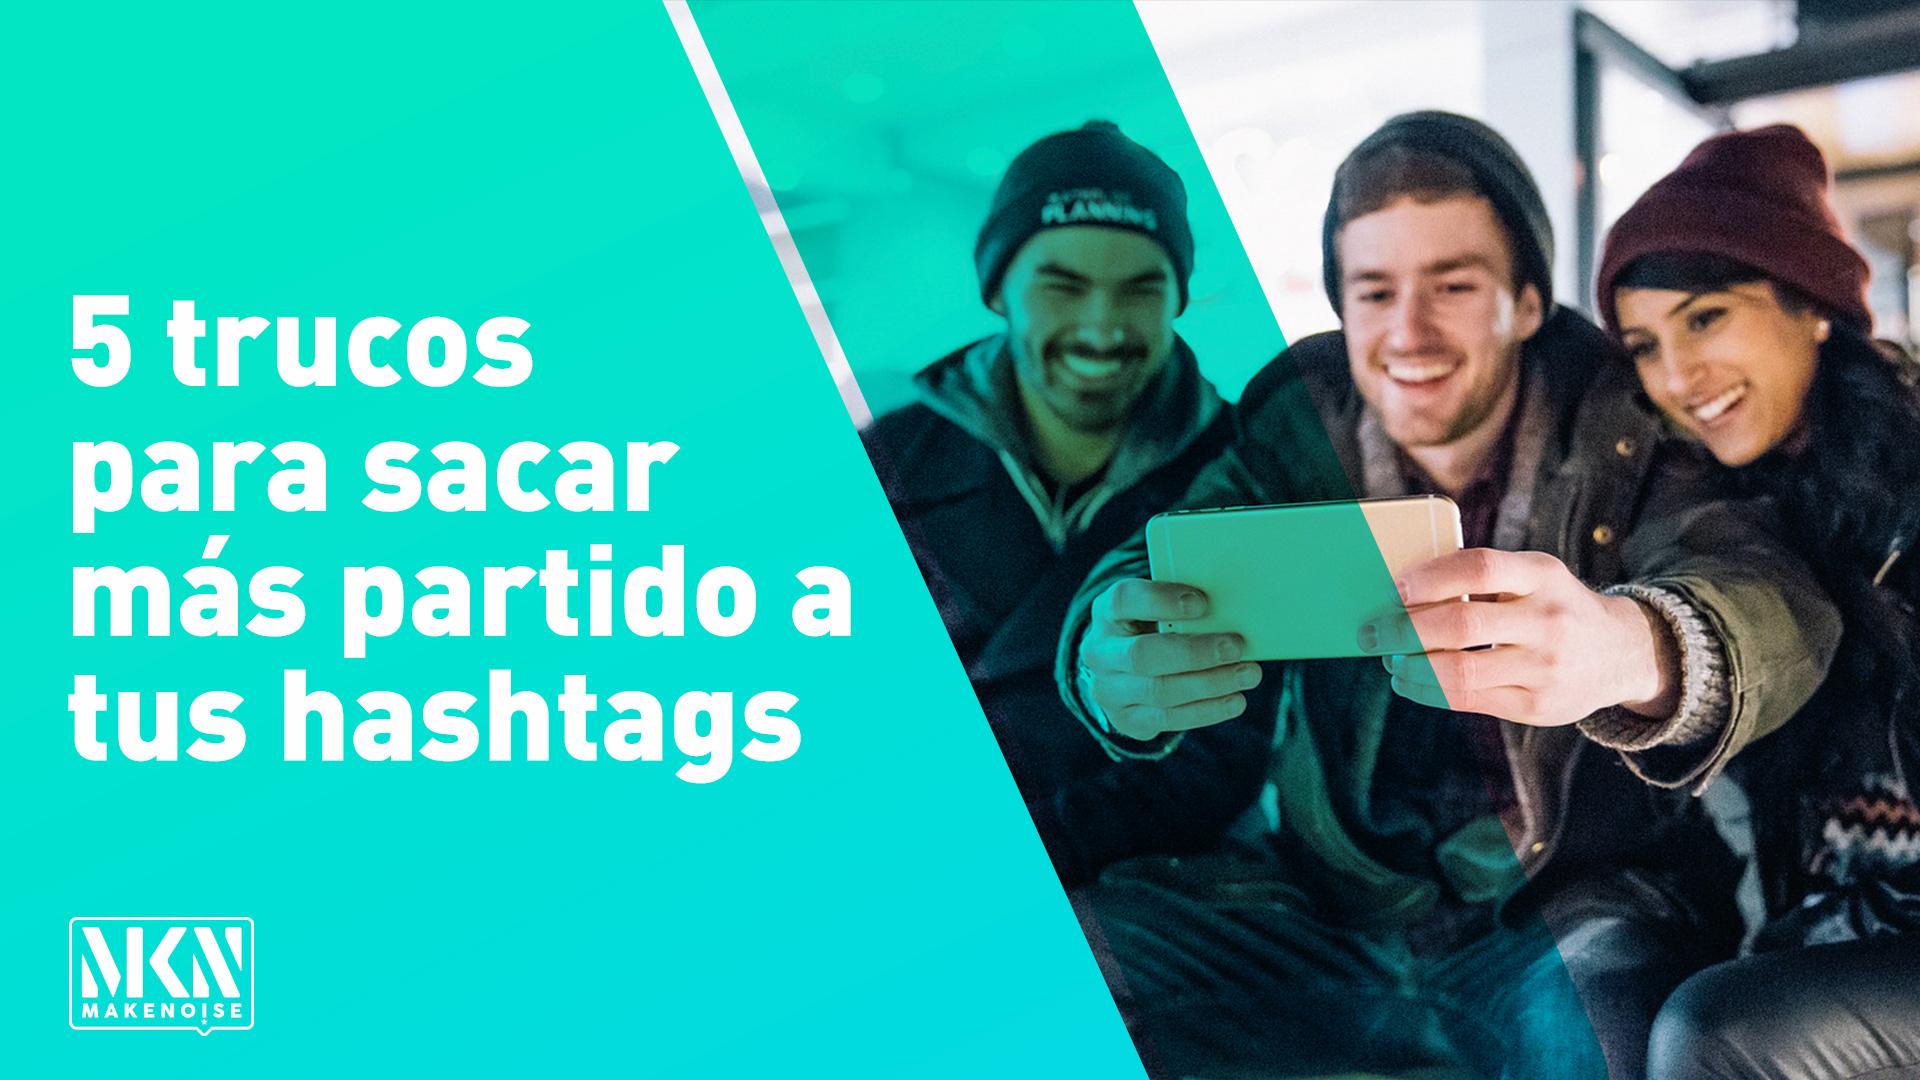 5 trucos para sacar más partido a tus hashtags